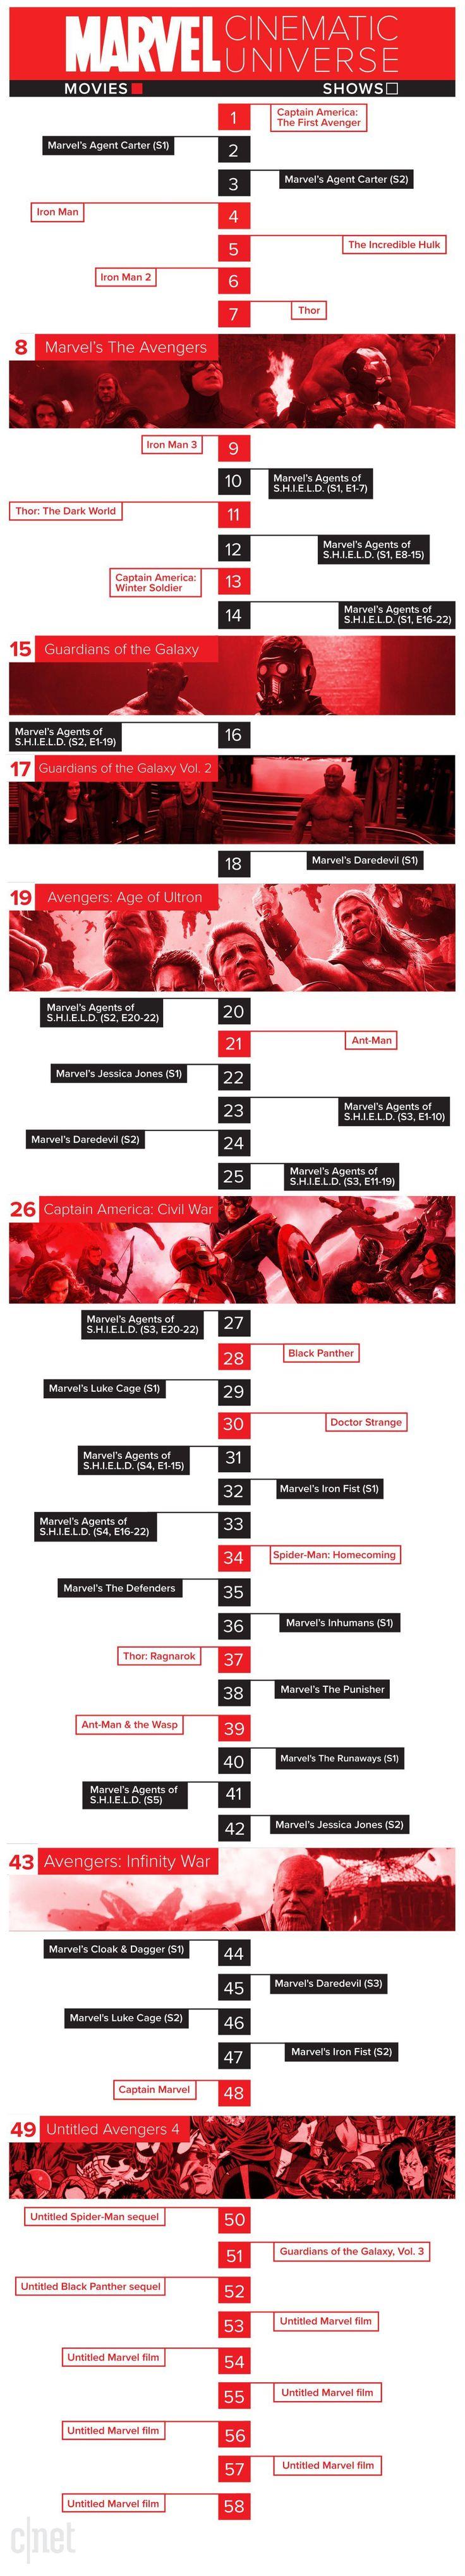 Marvel Filme Und Serien Reihenfolge